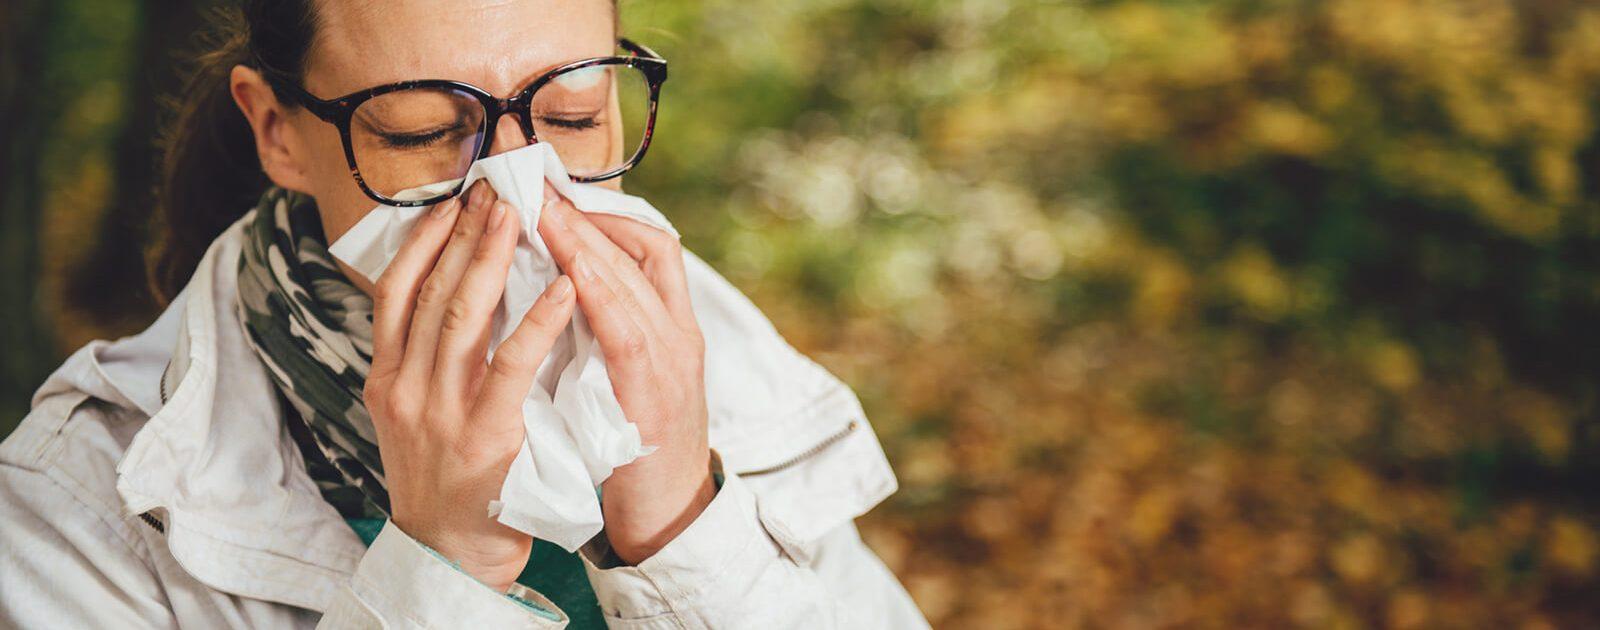 Eine Frau mit chronischem Schnupfen schnäuzt in ein Taschentuch.